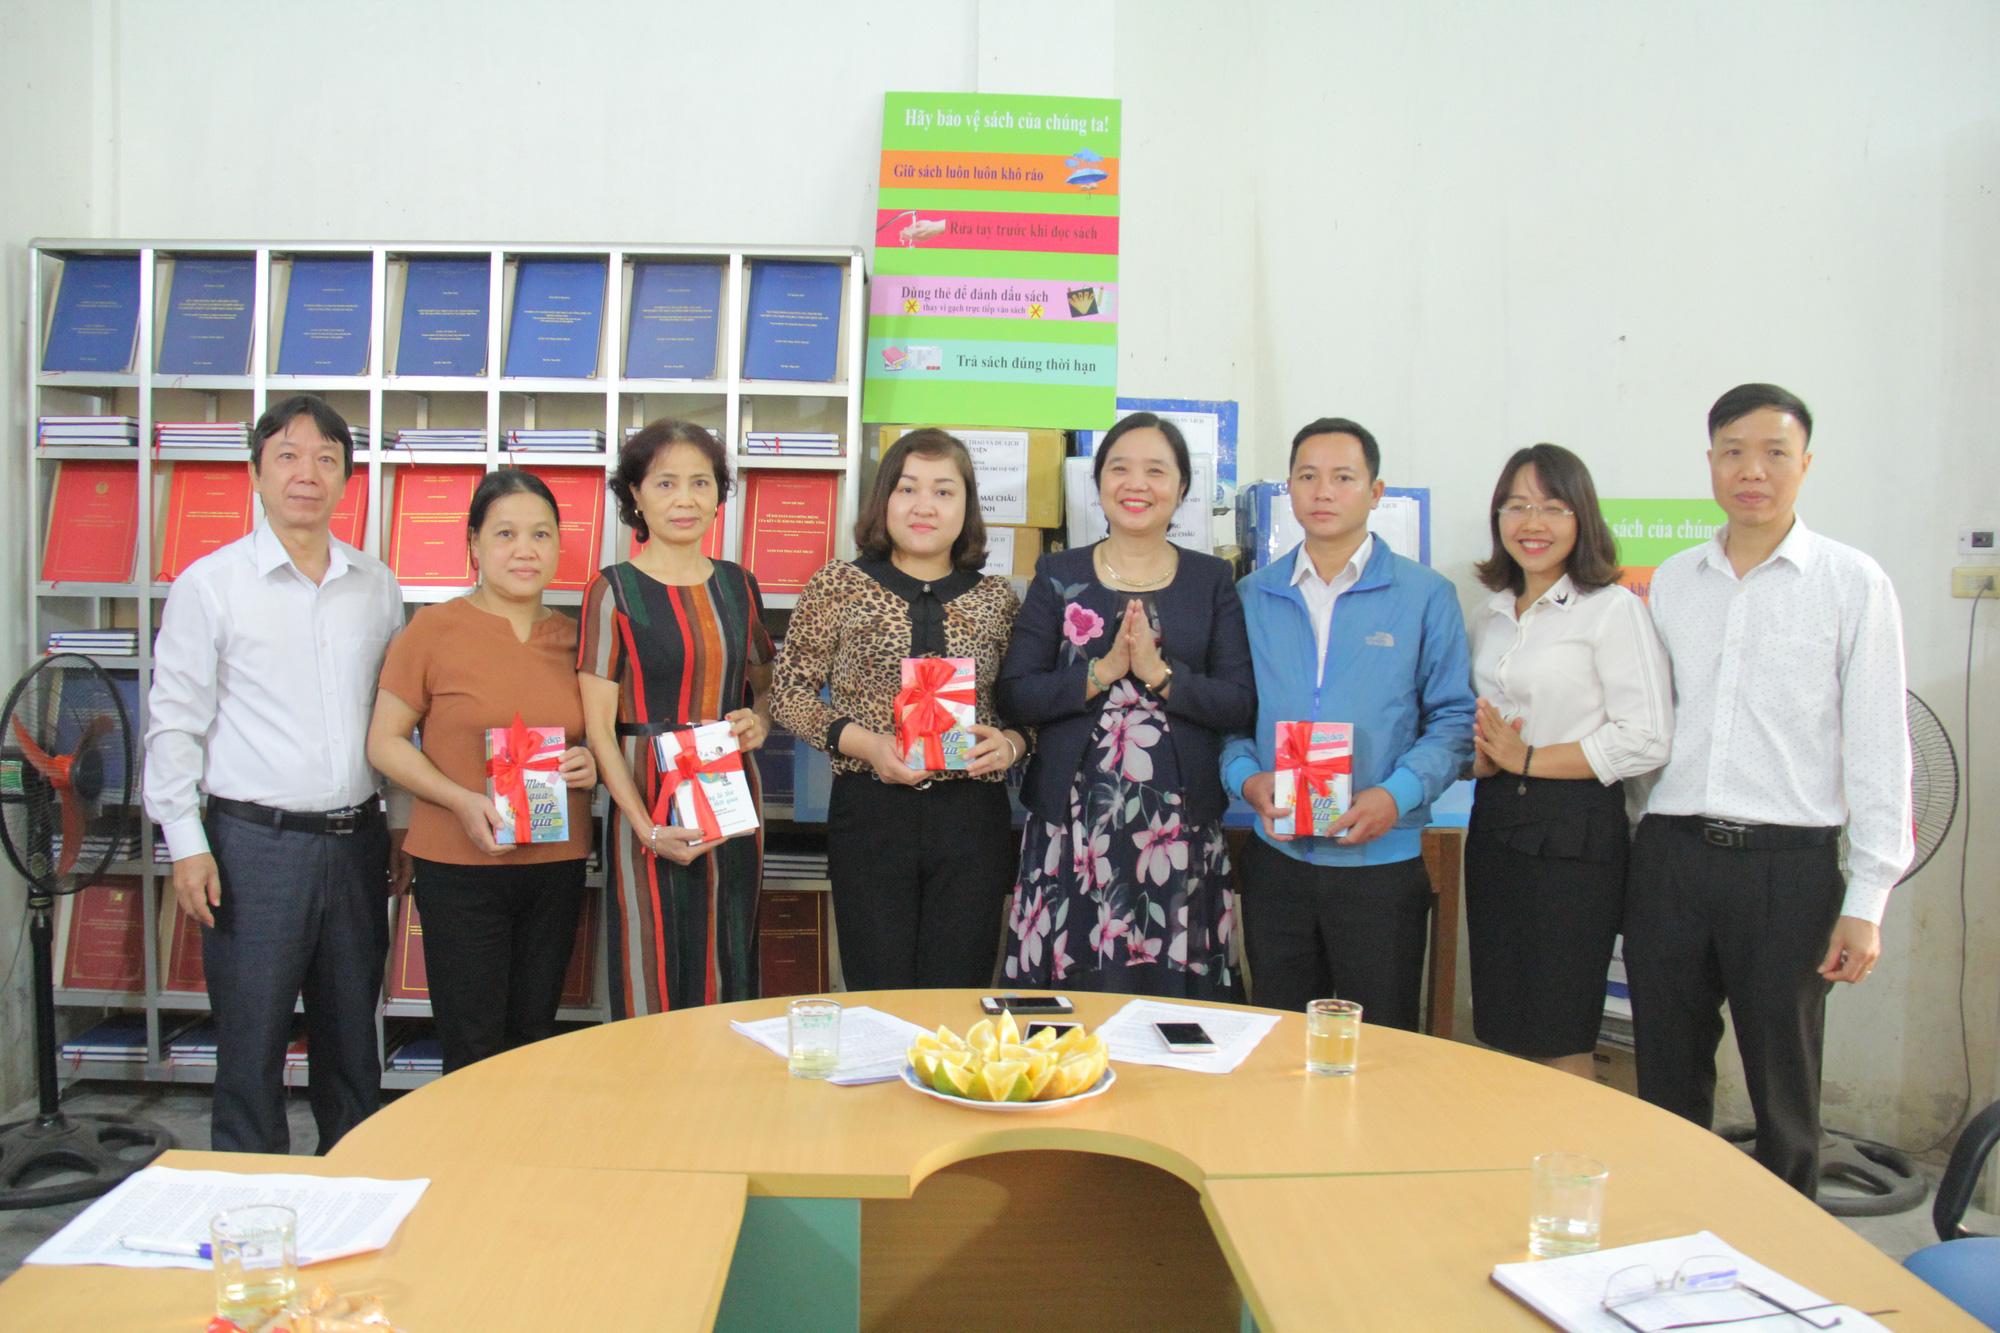 Trao tặng hơn 4.000 đầu sách cho các thư viện, trường học tỉnh Hòa Bình - Ảnh 3.